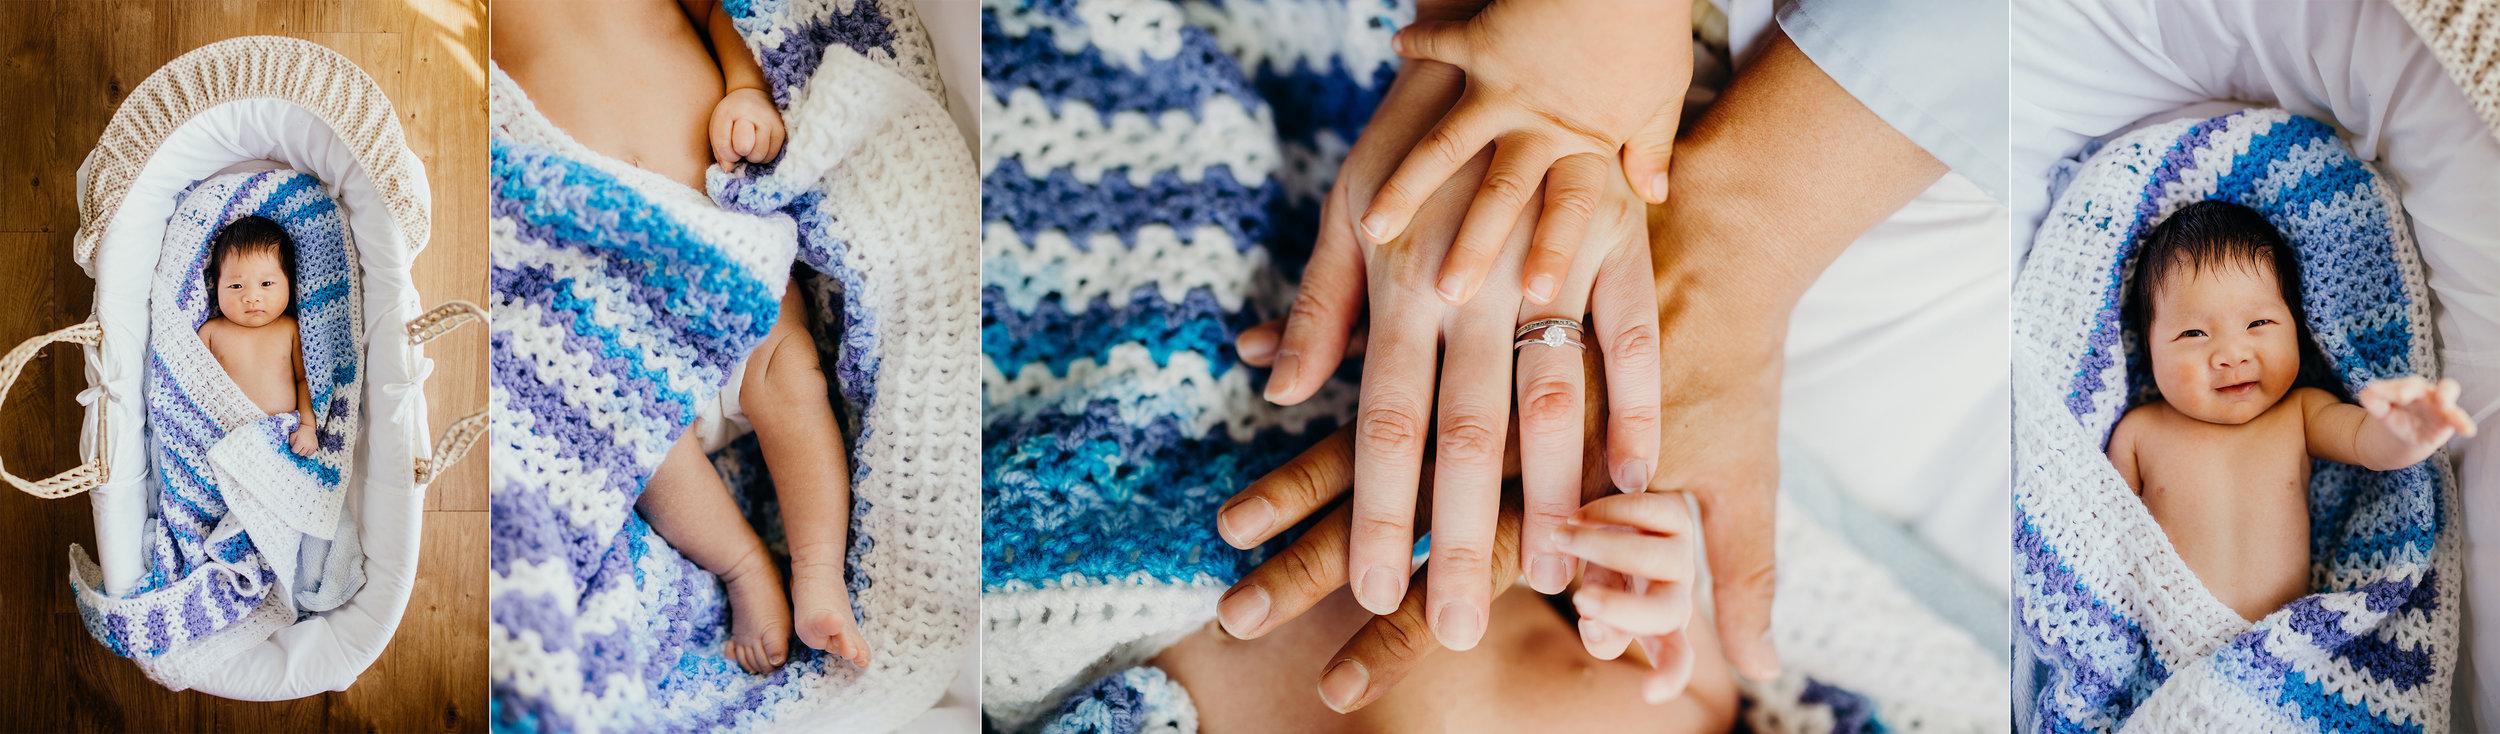 BrittaMariePhotography-141.jpg